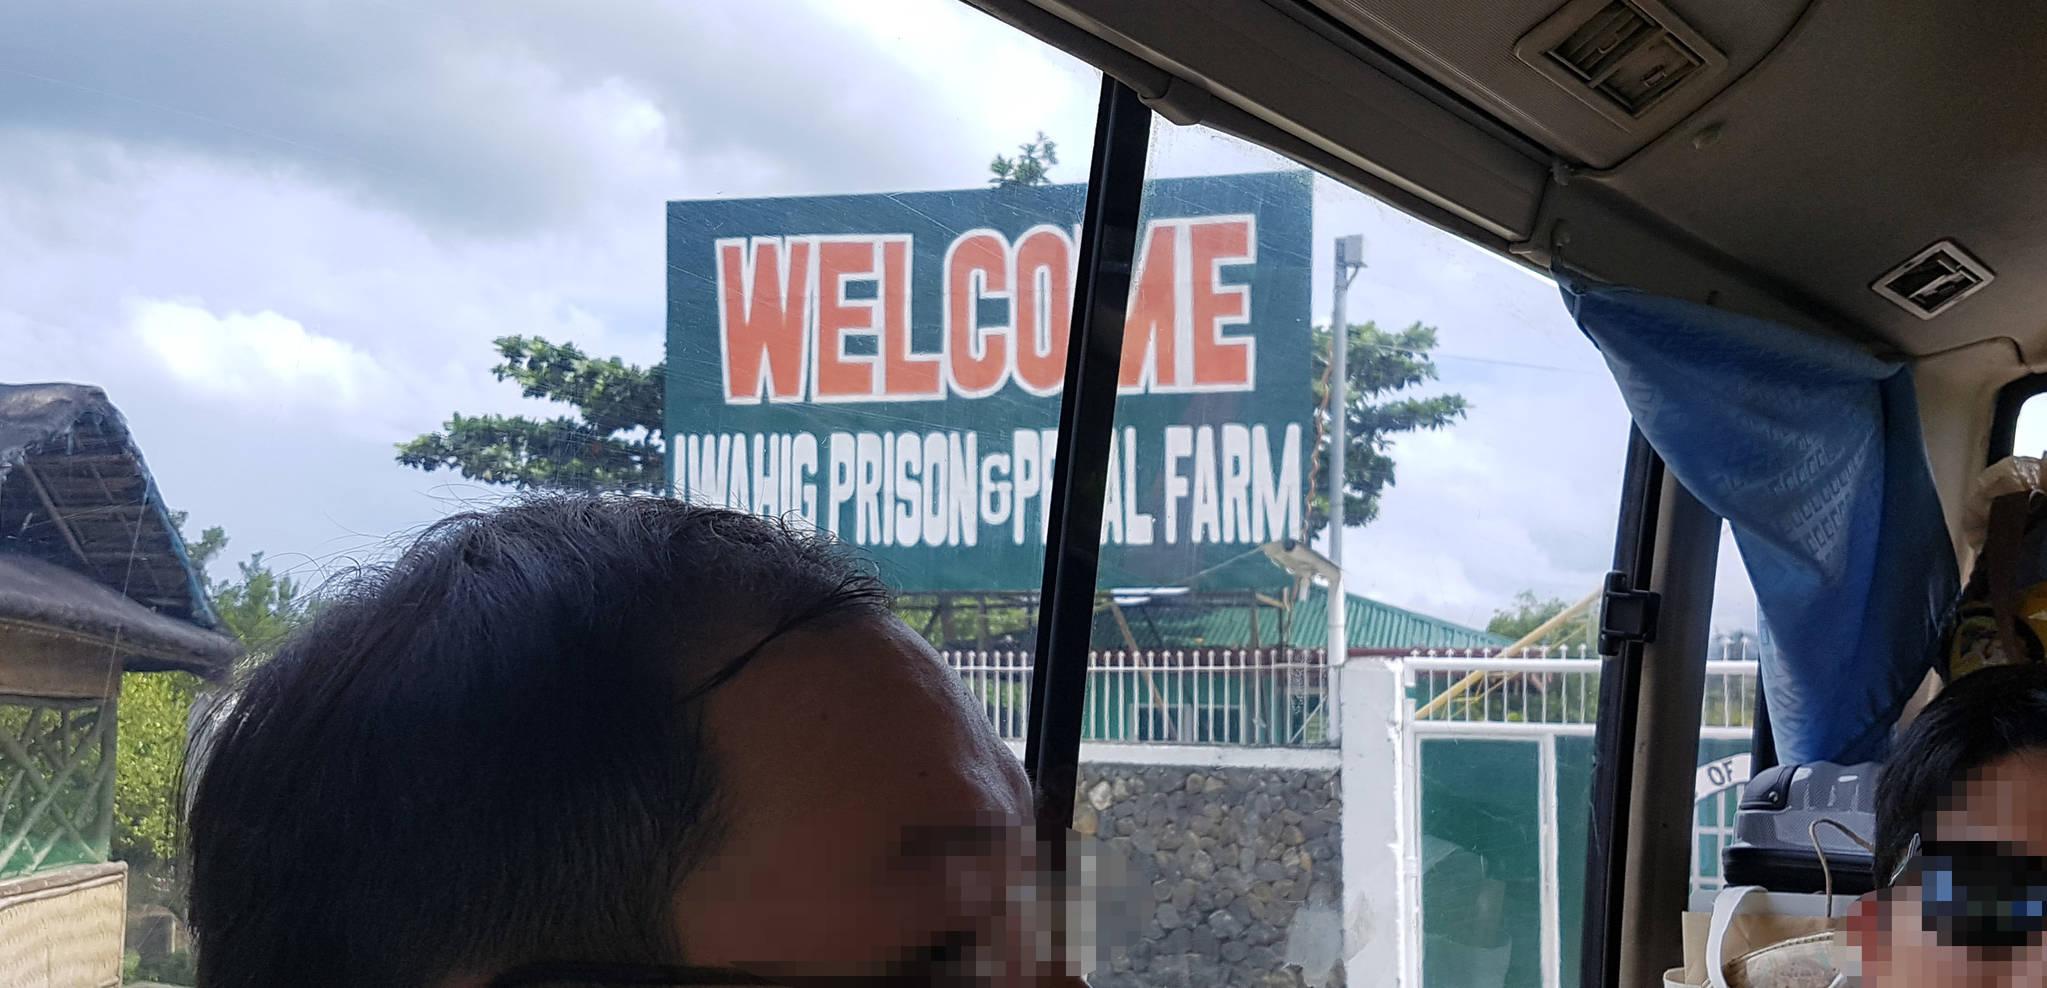 필리핀 팔라완 이와힉 개방 교도소 입구에 환영 간판이 보인다. 변선구 기자